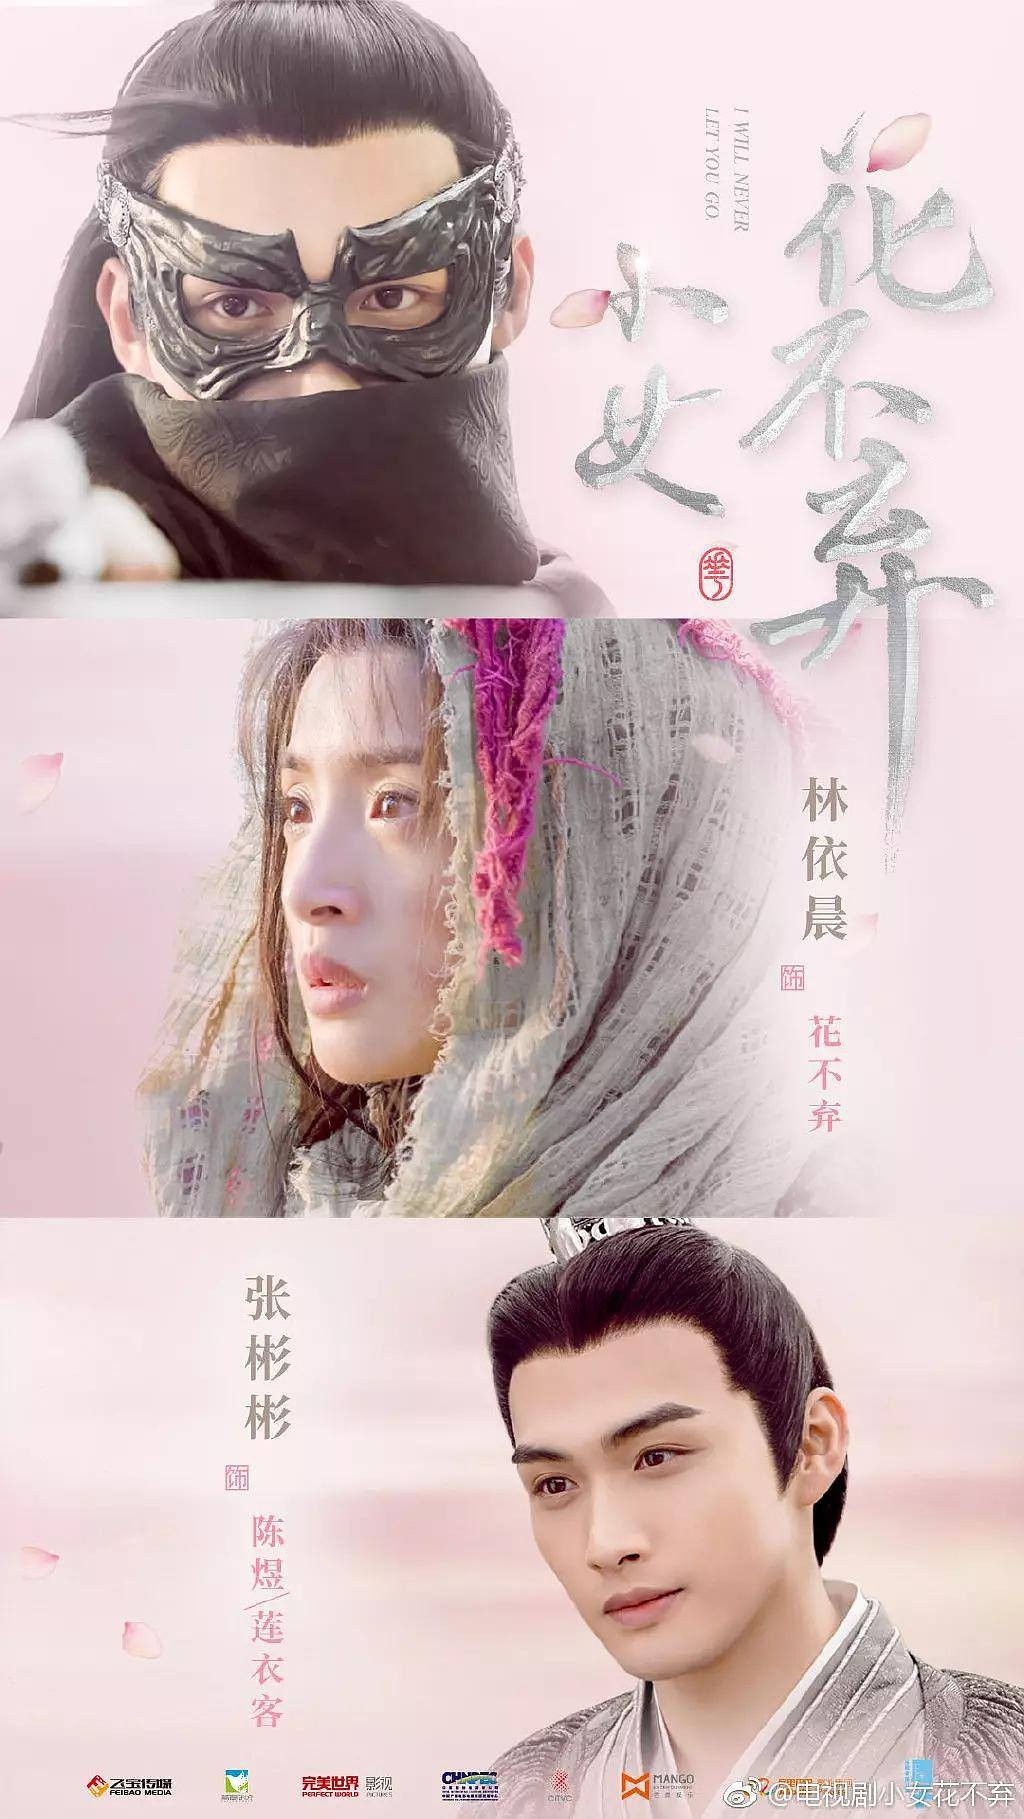 """Lâm Y Thần cặp kè trai trẻ kém 11 tuổi vẫn đẹp đôi nhưng motif của """"Tiểu Nữ Hoa Bất Khí"""" quá cũ khiến fan ngán ngẩm - Ảnh 5."""